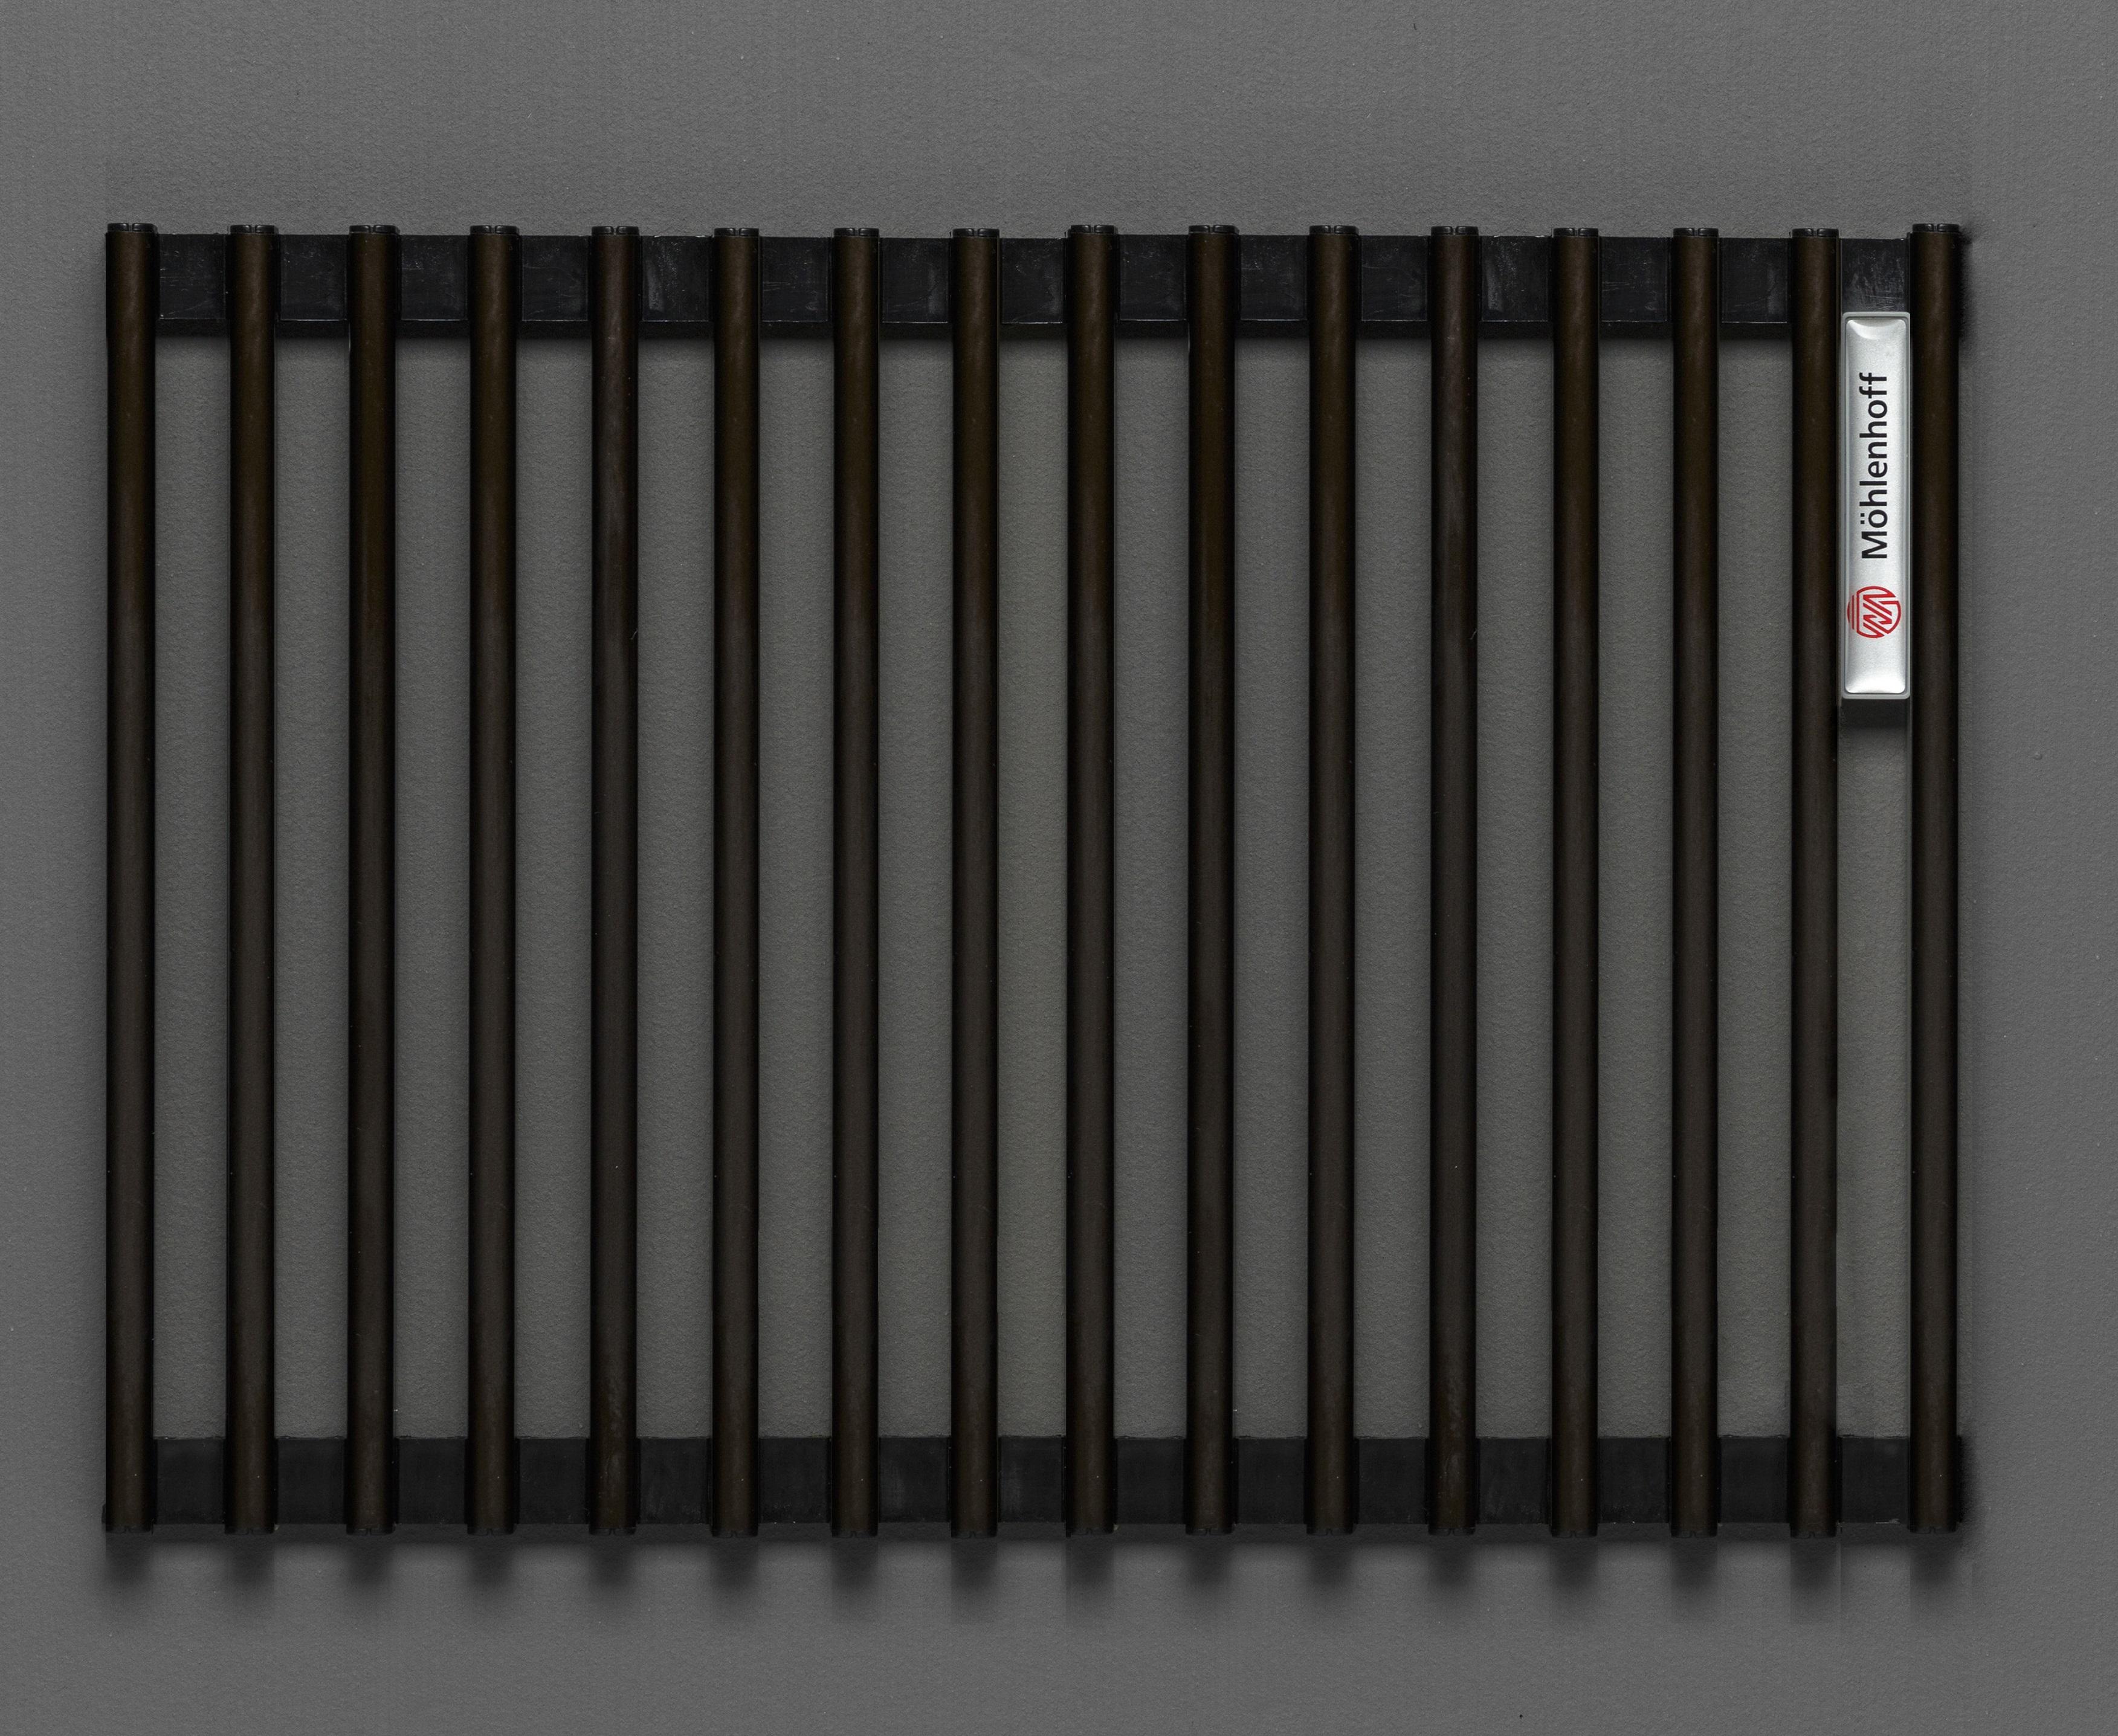 Купить Декоративная решётка Mohlenhoff темная бронза, шириной 180 мм 1 пог. м, Россия